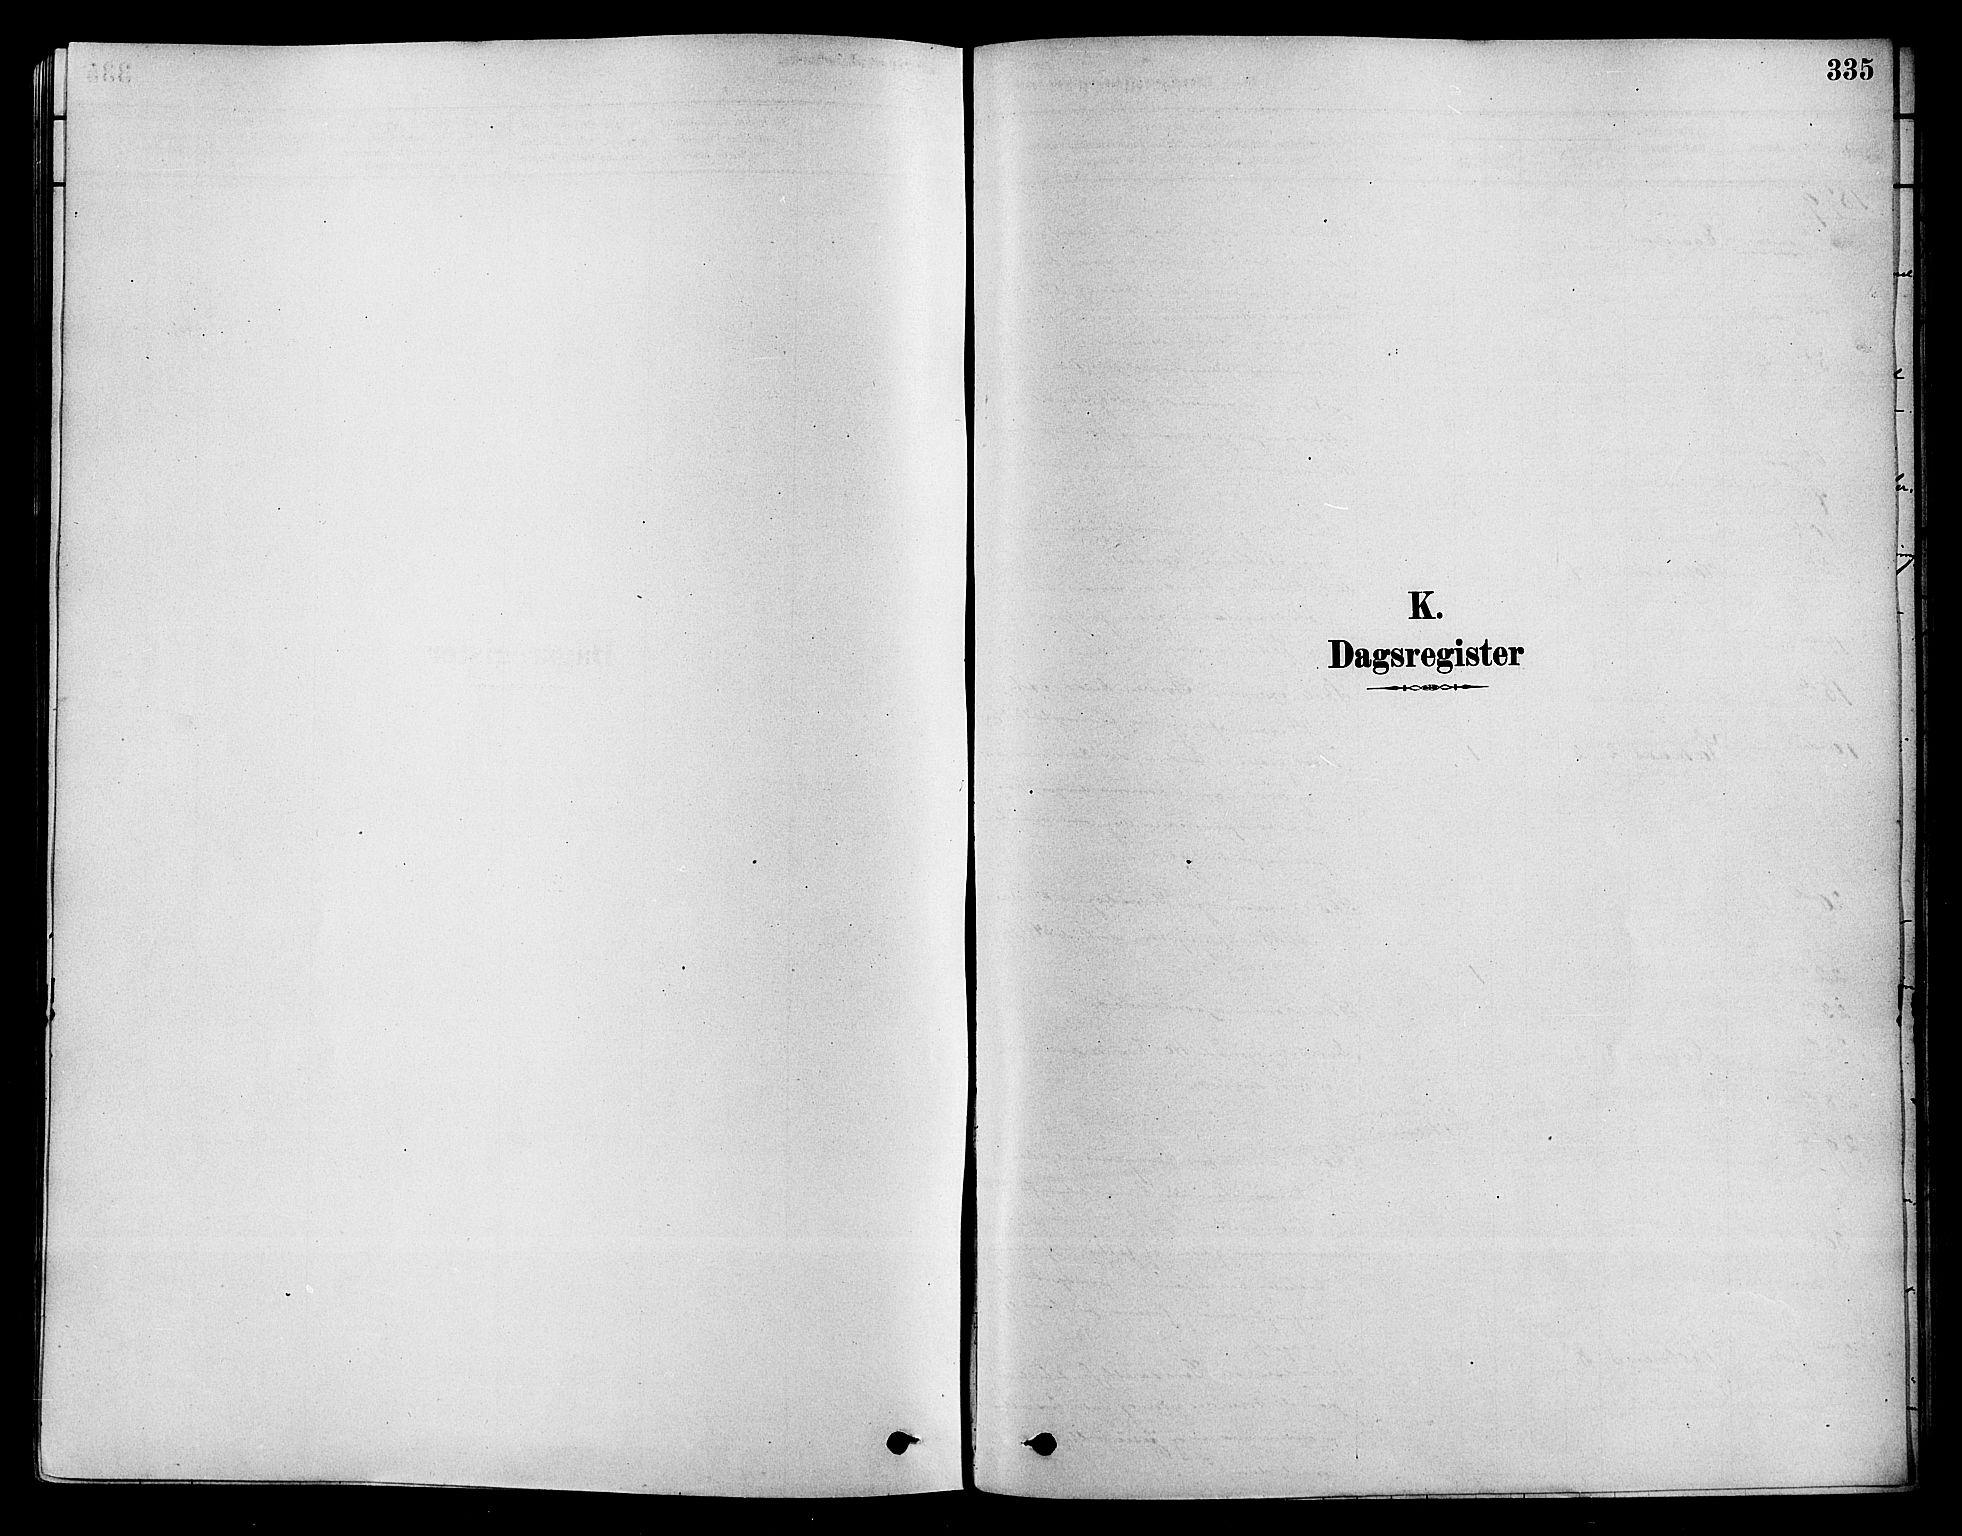 SAKO, Sigdal kirkebøker, F/Fa/L0011: Ministerialbok nr. I 11, 1879-1887, s. 335